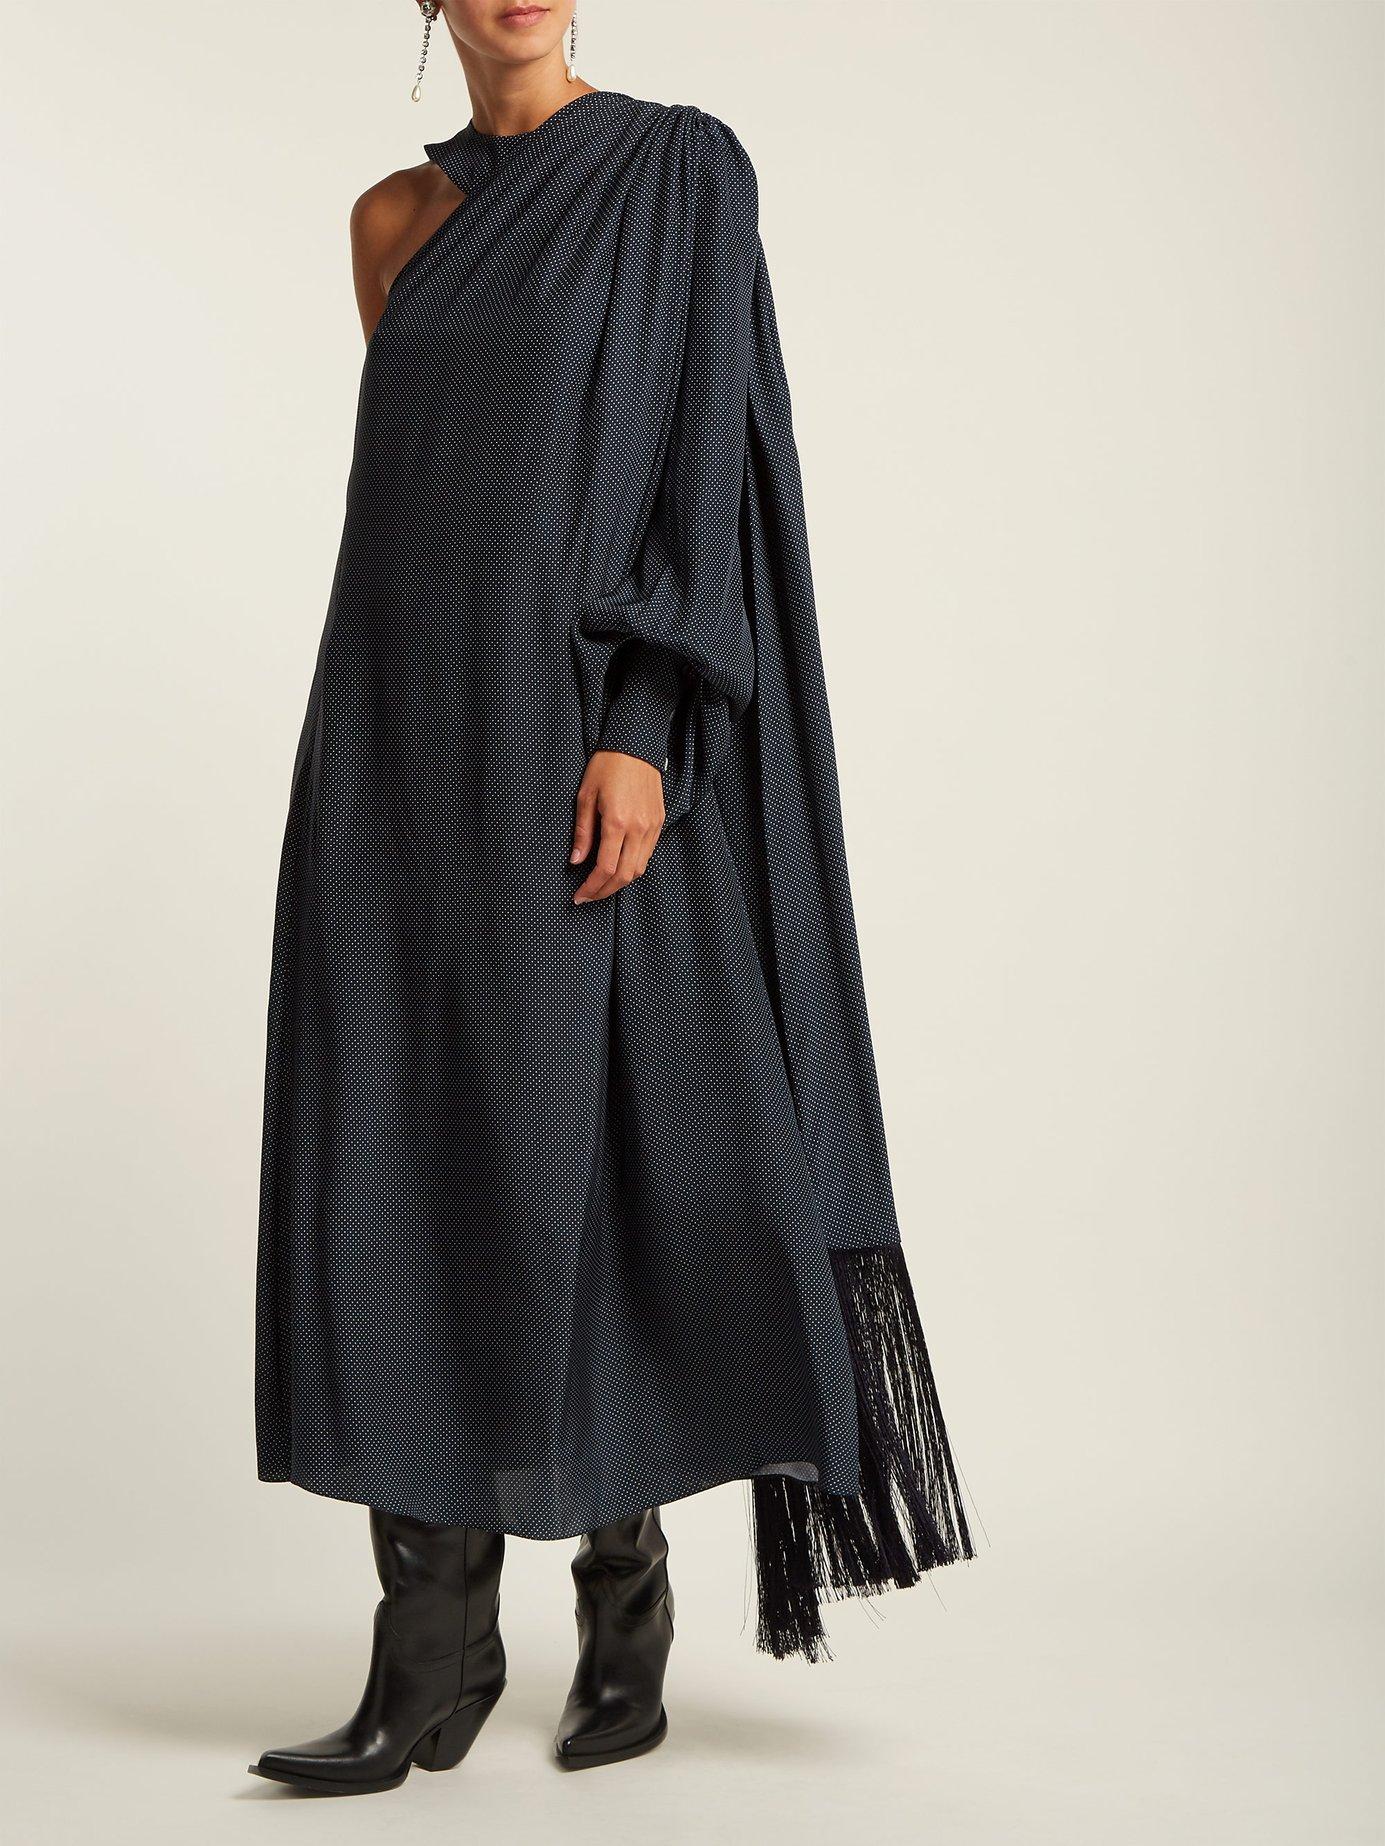 Polka-dot one-shoulder silk dress by Hillier Bartley